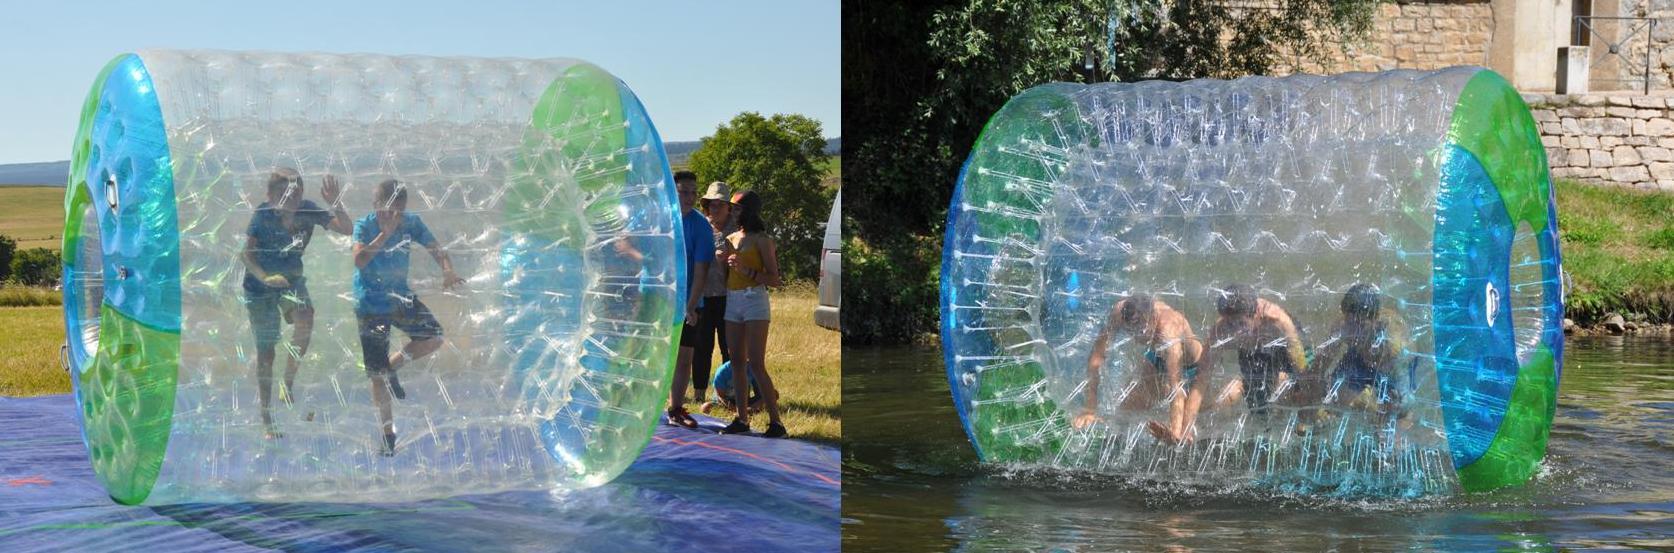 bubble roller.jpg